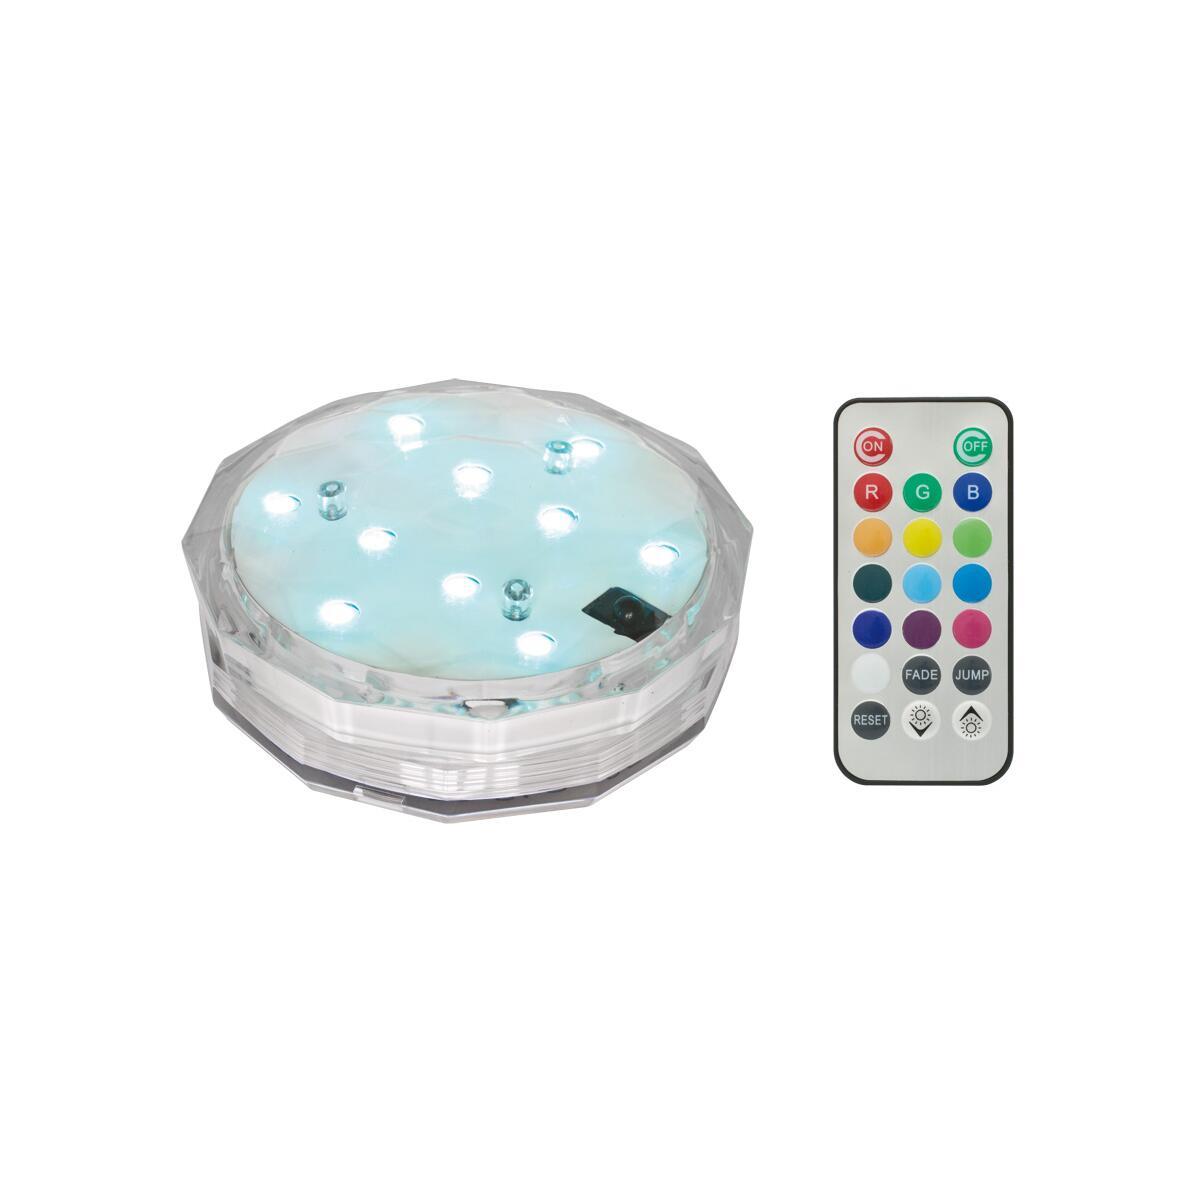 led rgb leuchte rund mit fernbedienung batteriebetrieben. Black Bedroom Furniture Sets. Home Design Ideas